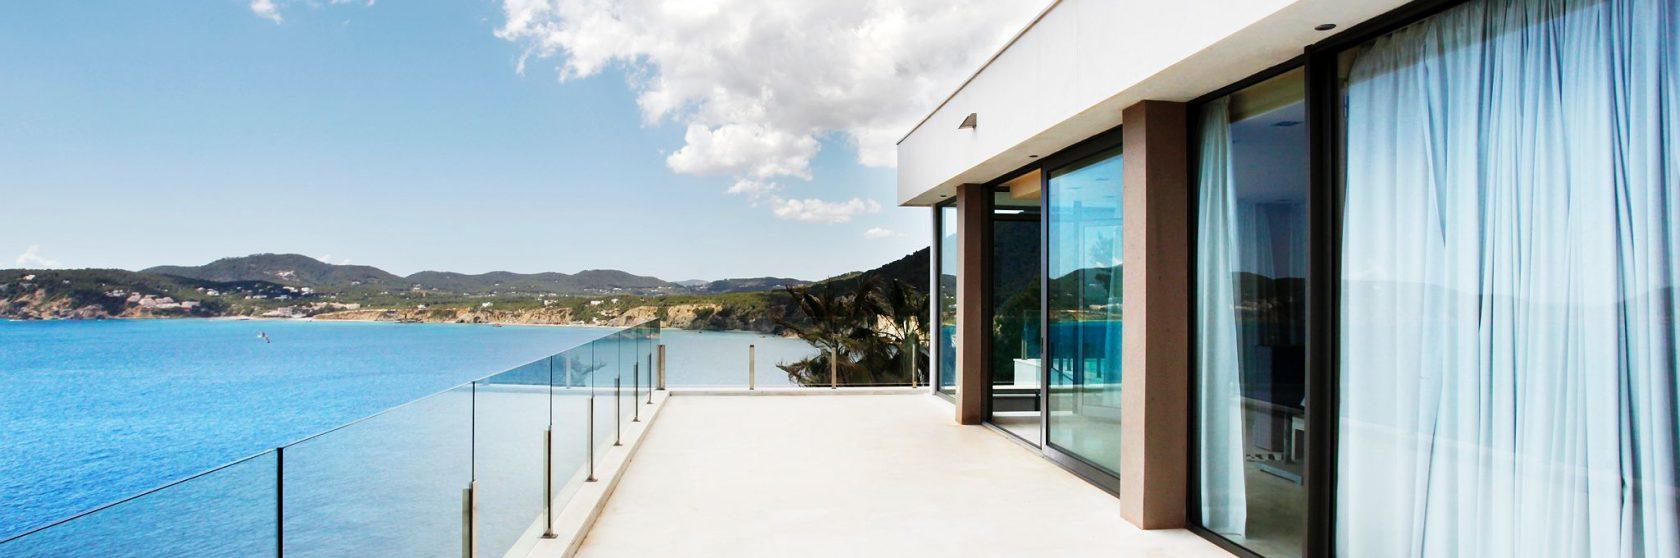 ibiza real estate news villa contact